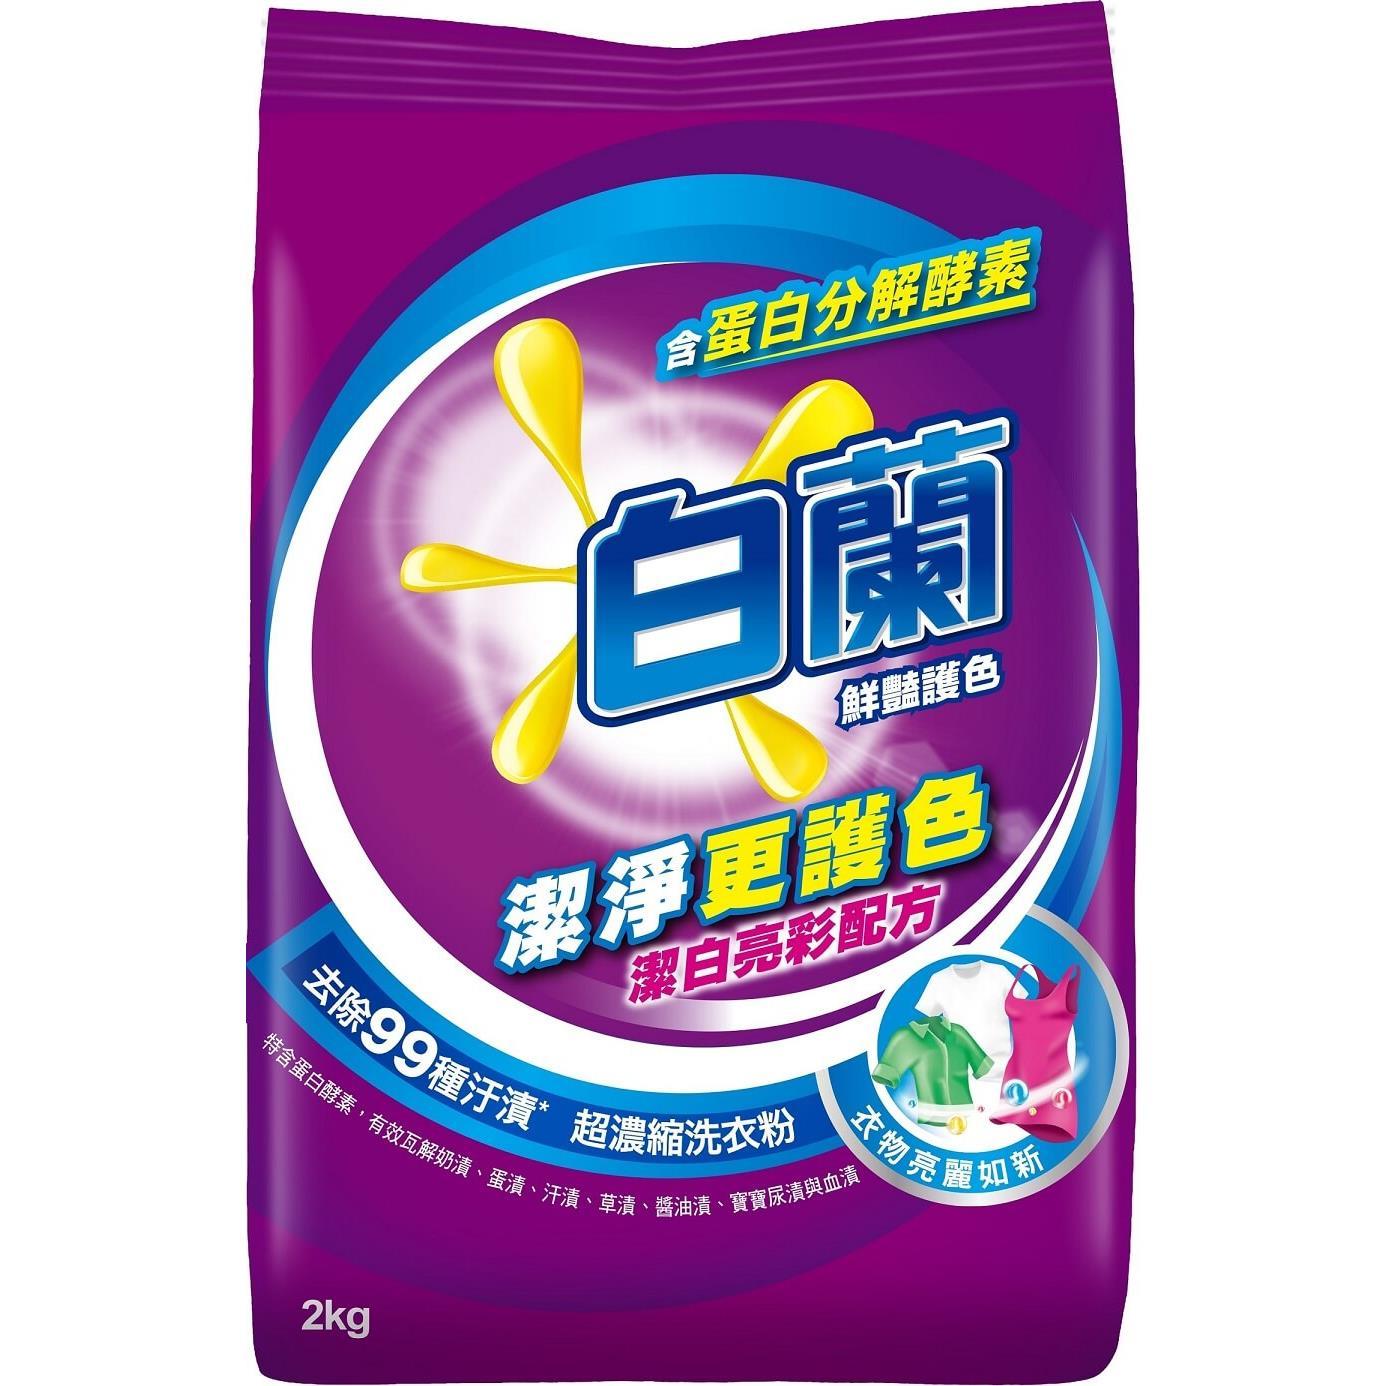 白蘭艷護色超濃縮洗衣粉2kg